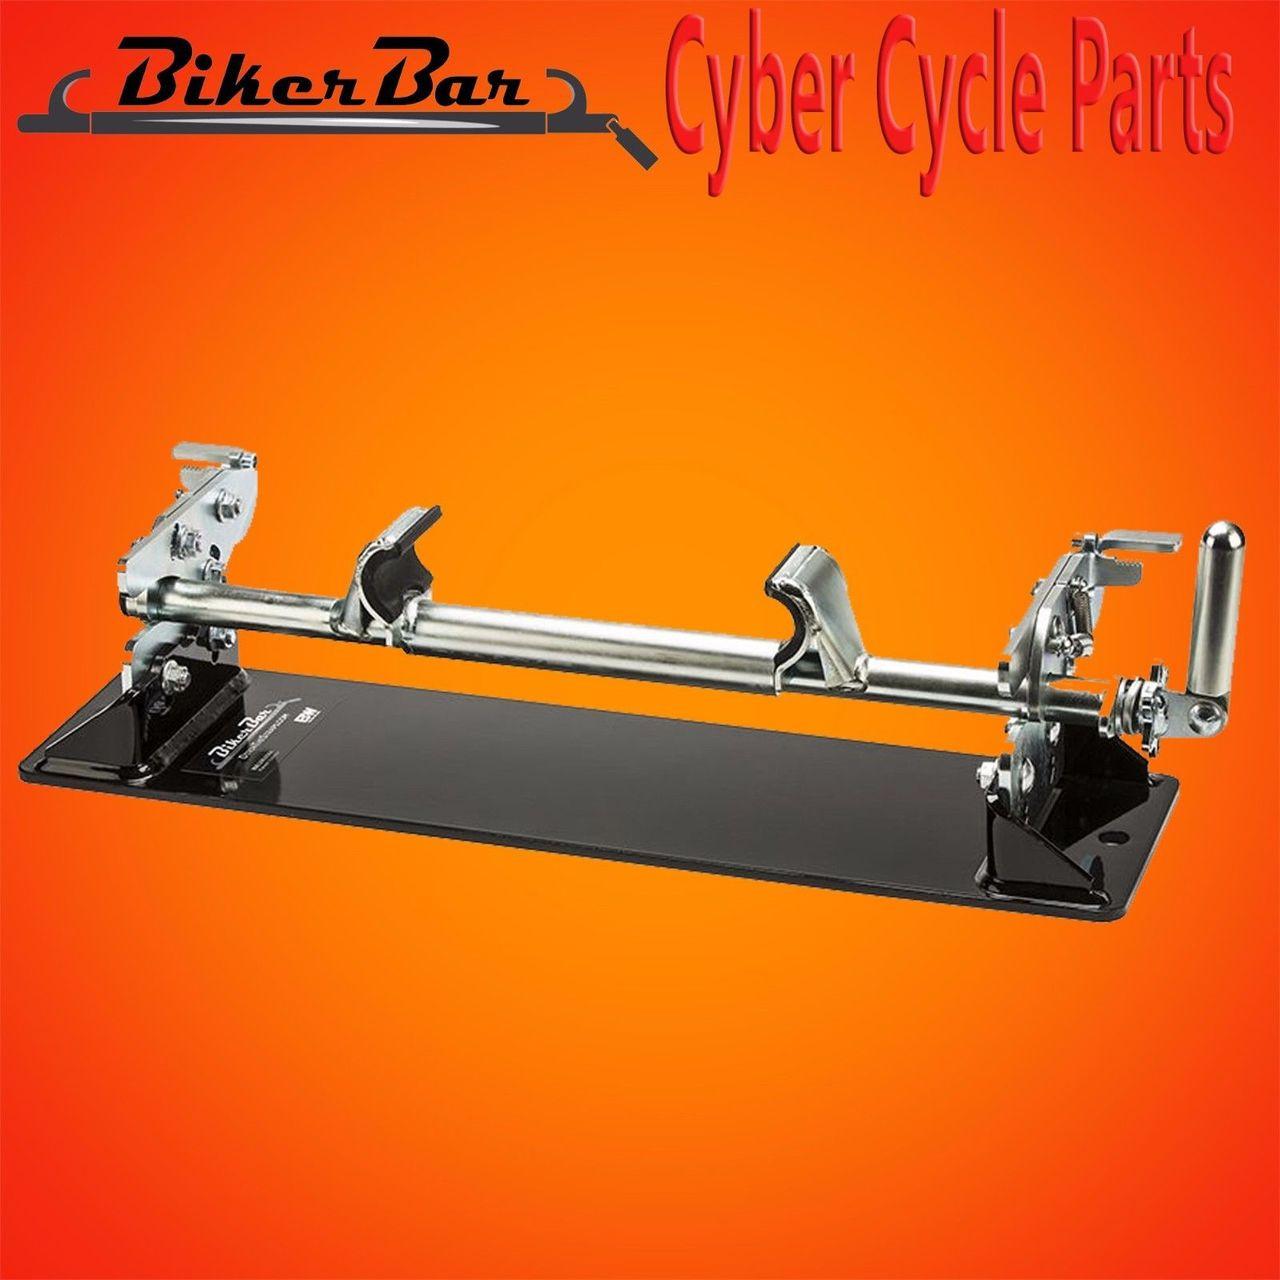 MC2301 Biker Bar from B&W